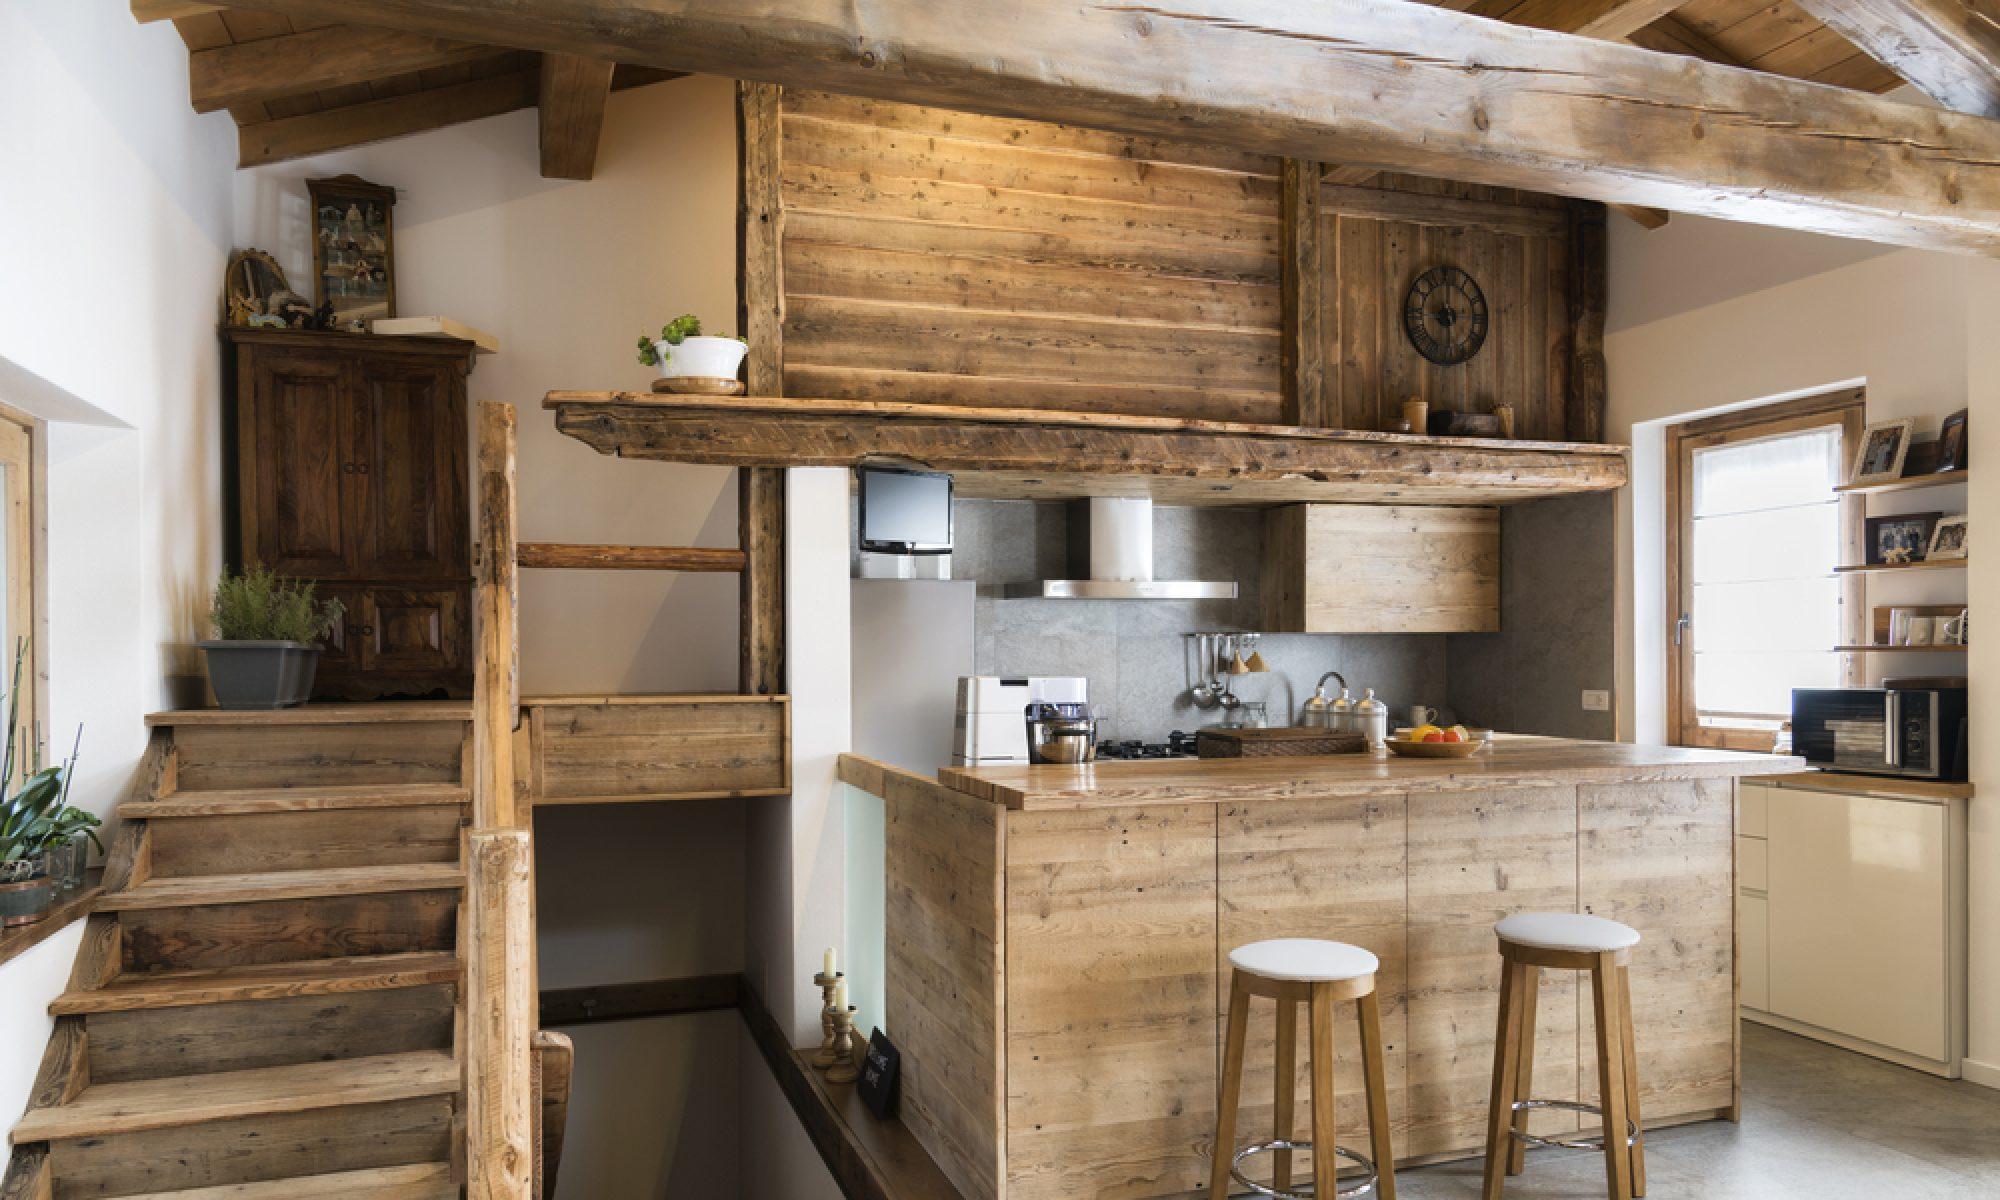 Une maison en bois : Aménager et décorer sa maison avec du bois